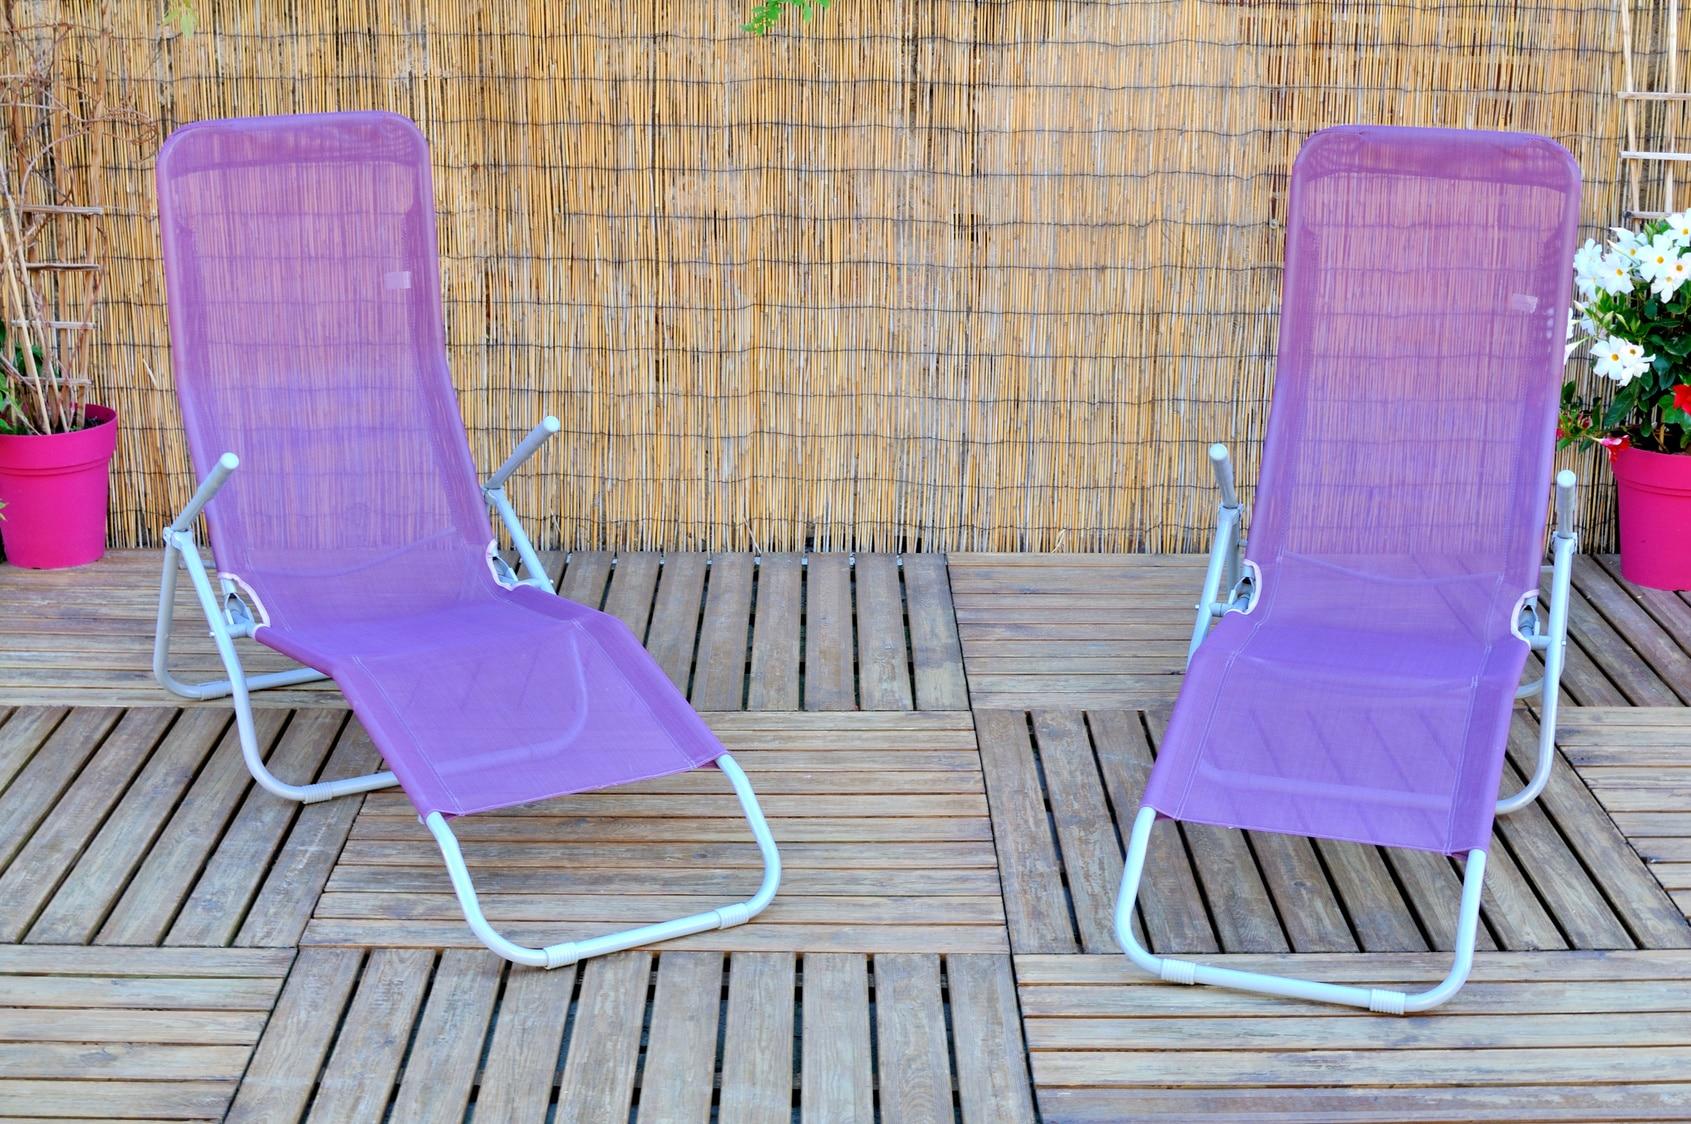 Nettoyer Salon De Jardin En Bois comment nettoyer votre salon de jardin ? - les astucieux